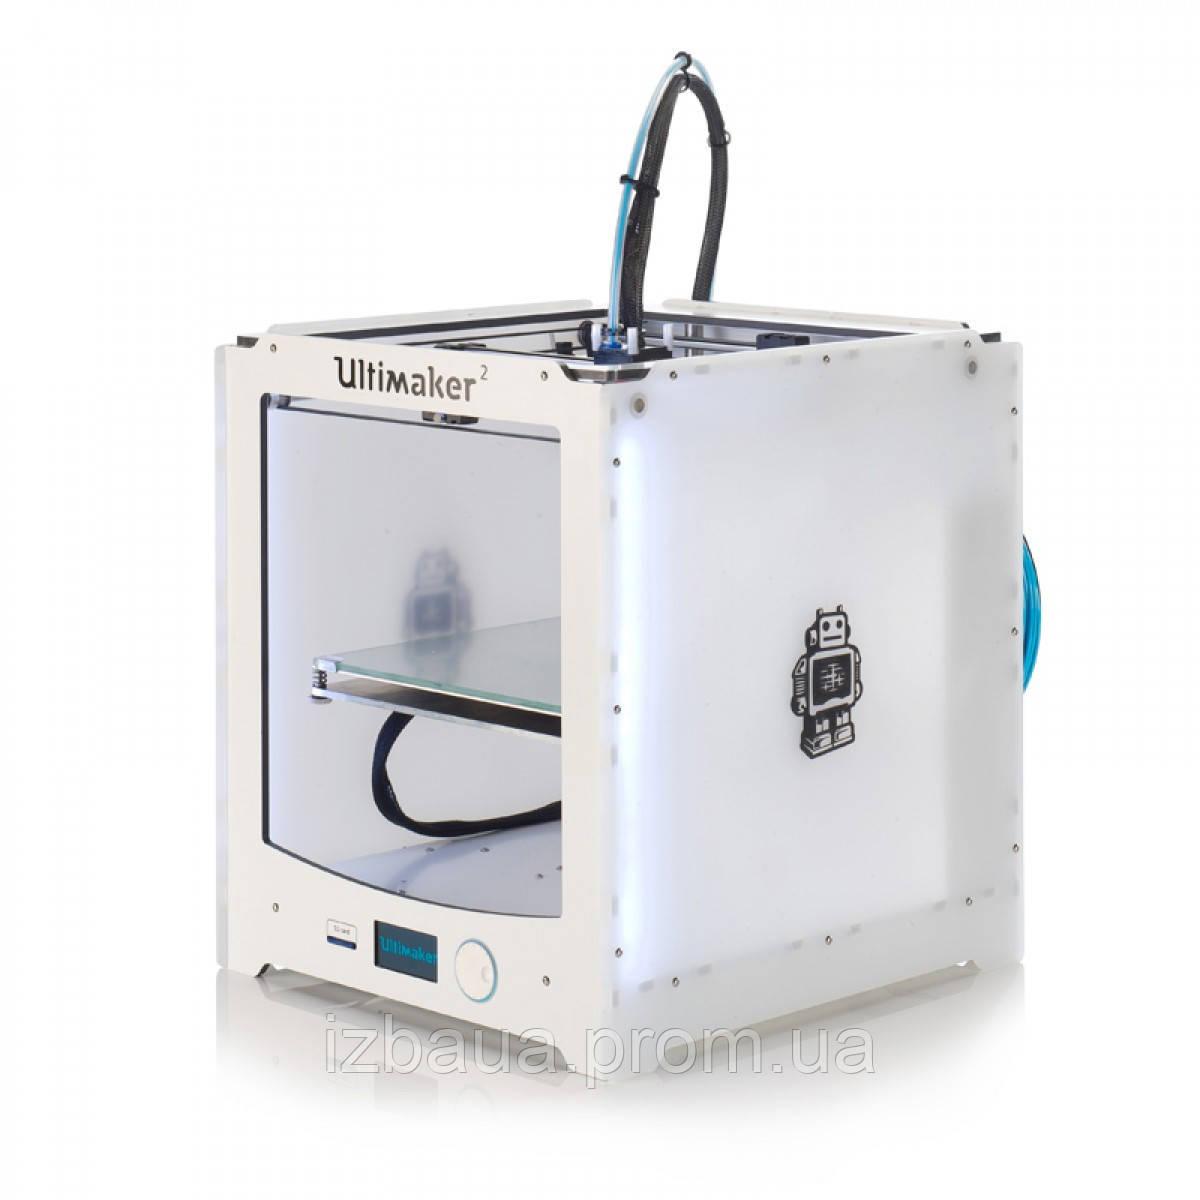 """Ultimaker 3D принтер в Харькове -  """"Цифровая Изба"""" Интернет-магазин в Харькове"""